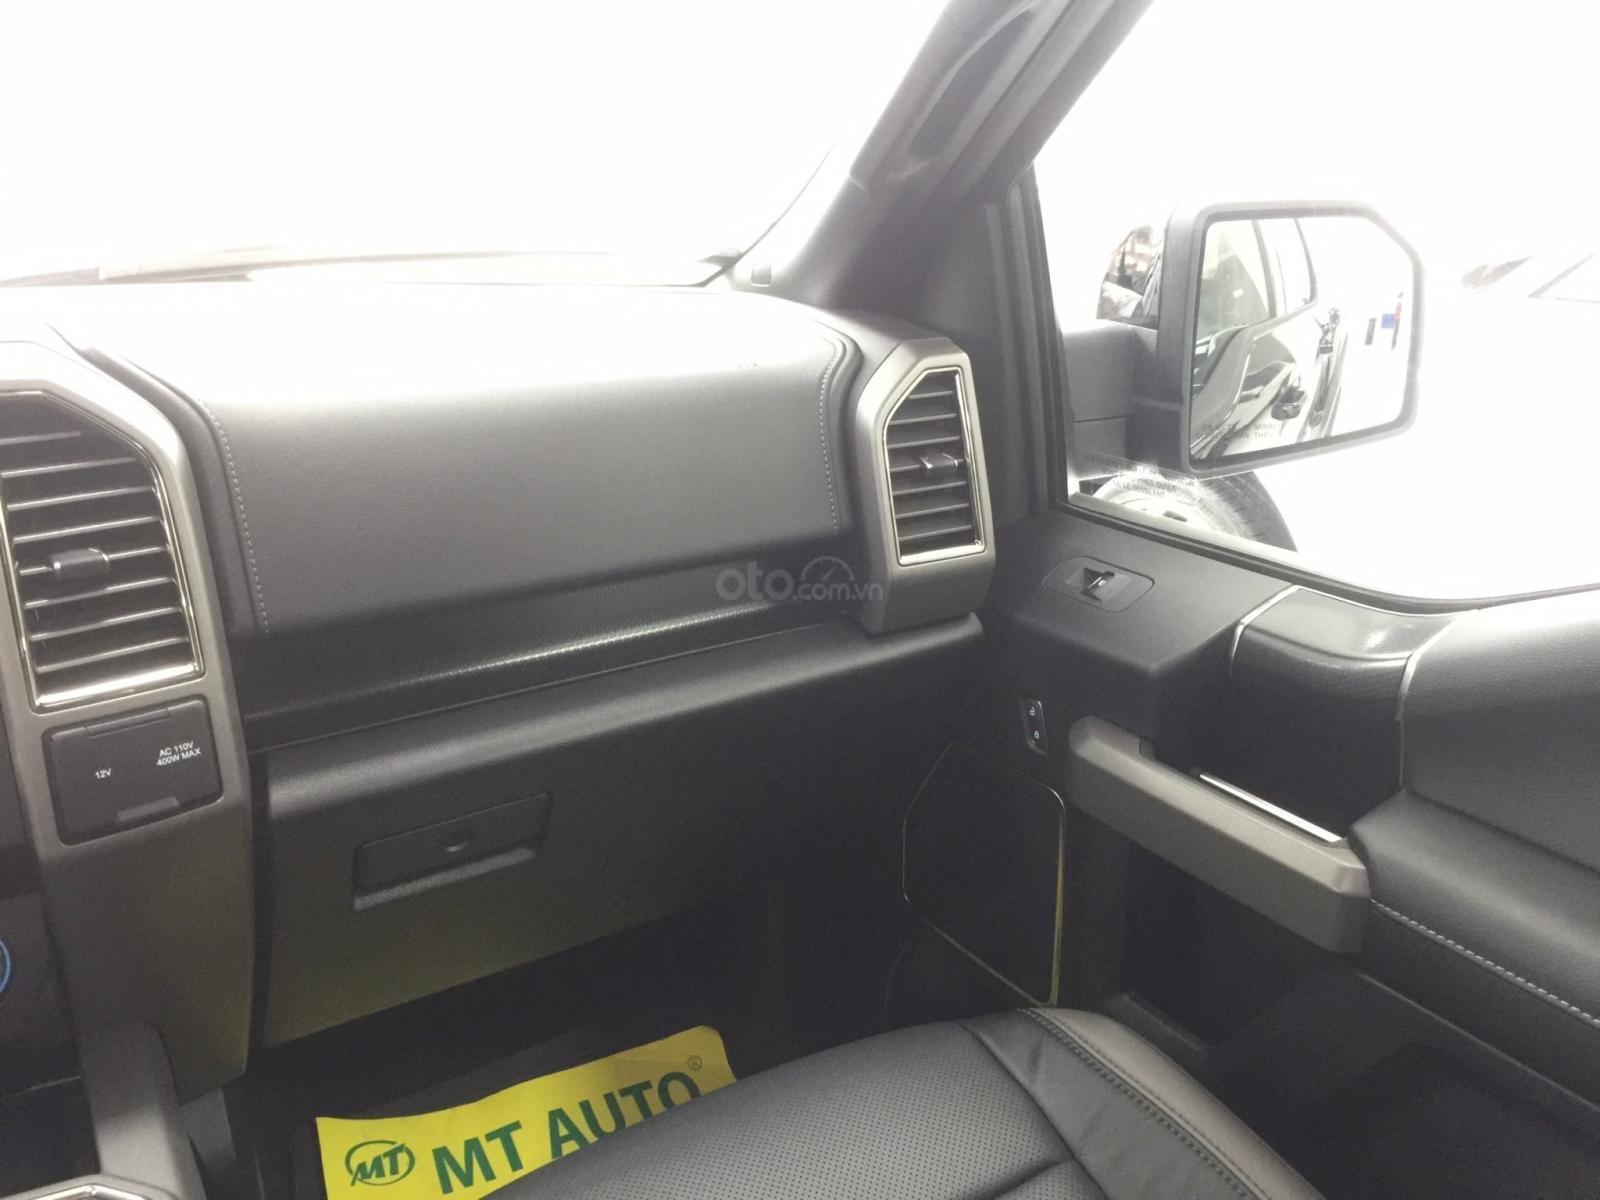 Bán siêu bán tải Ford F150 Raptor 2020, LH Ms Hương giá tốt giao ngay toàn quốc (10)